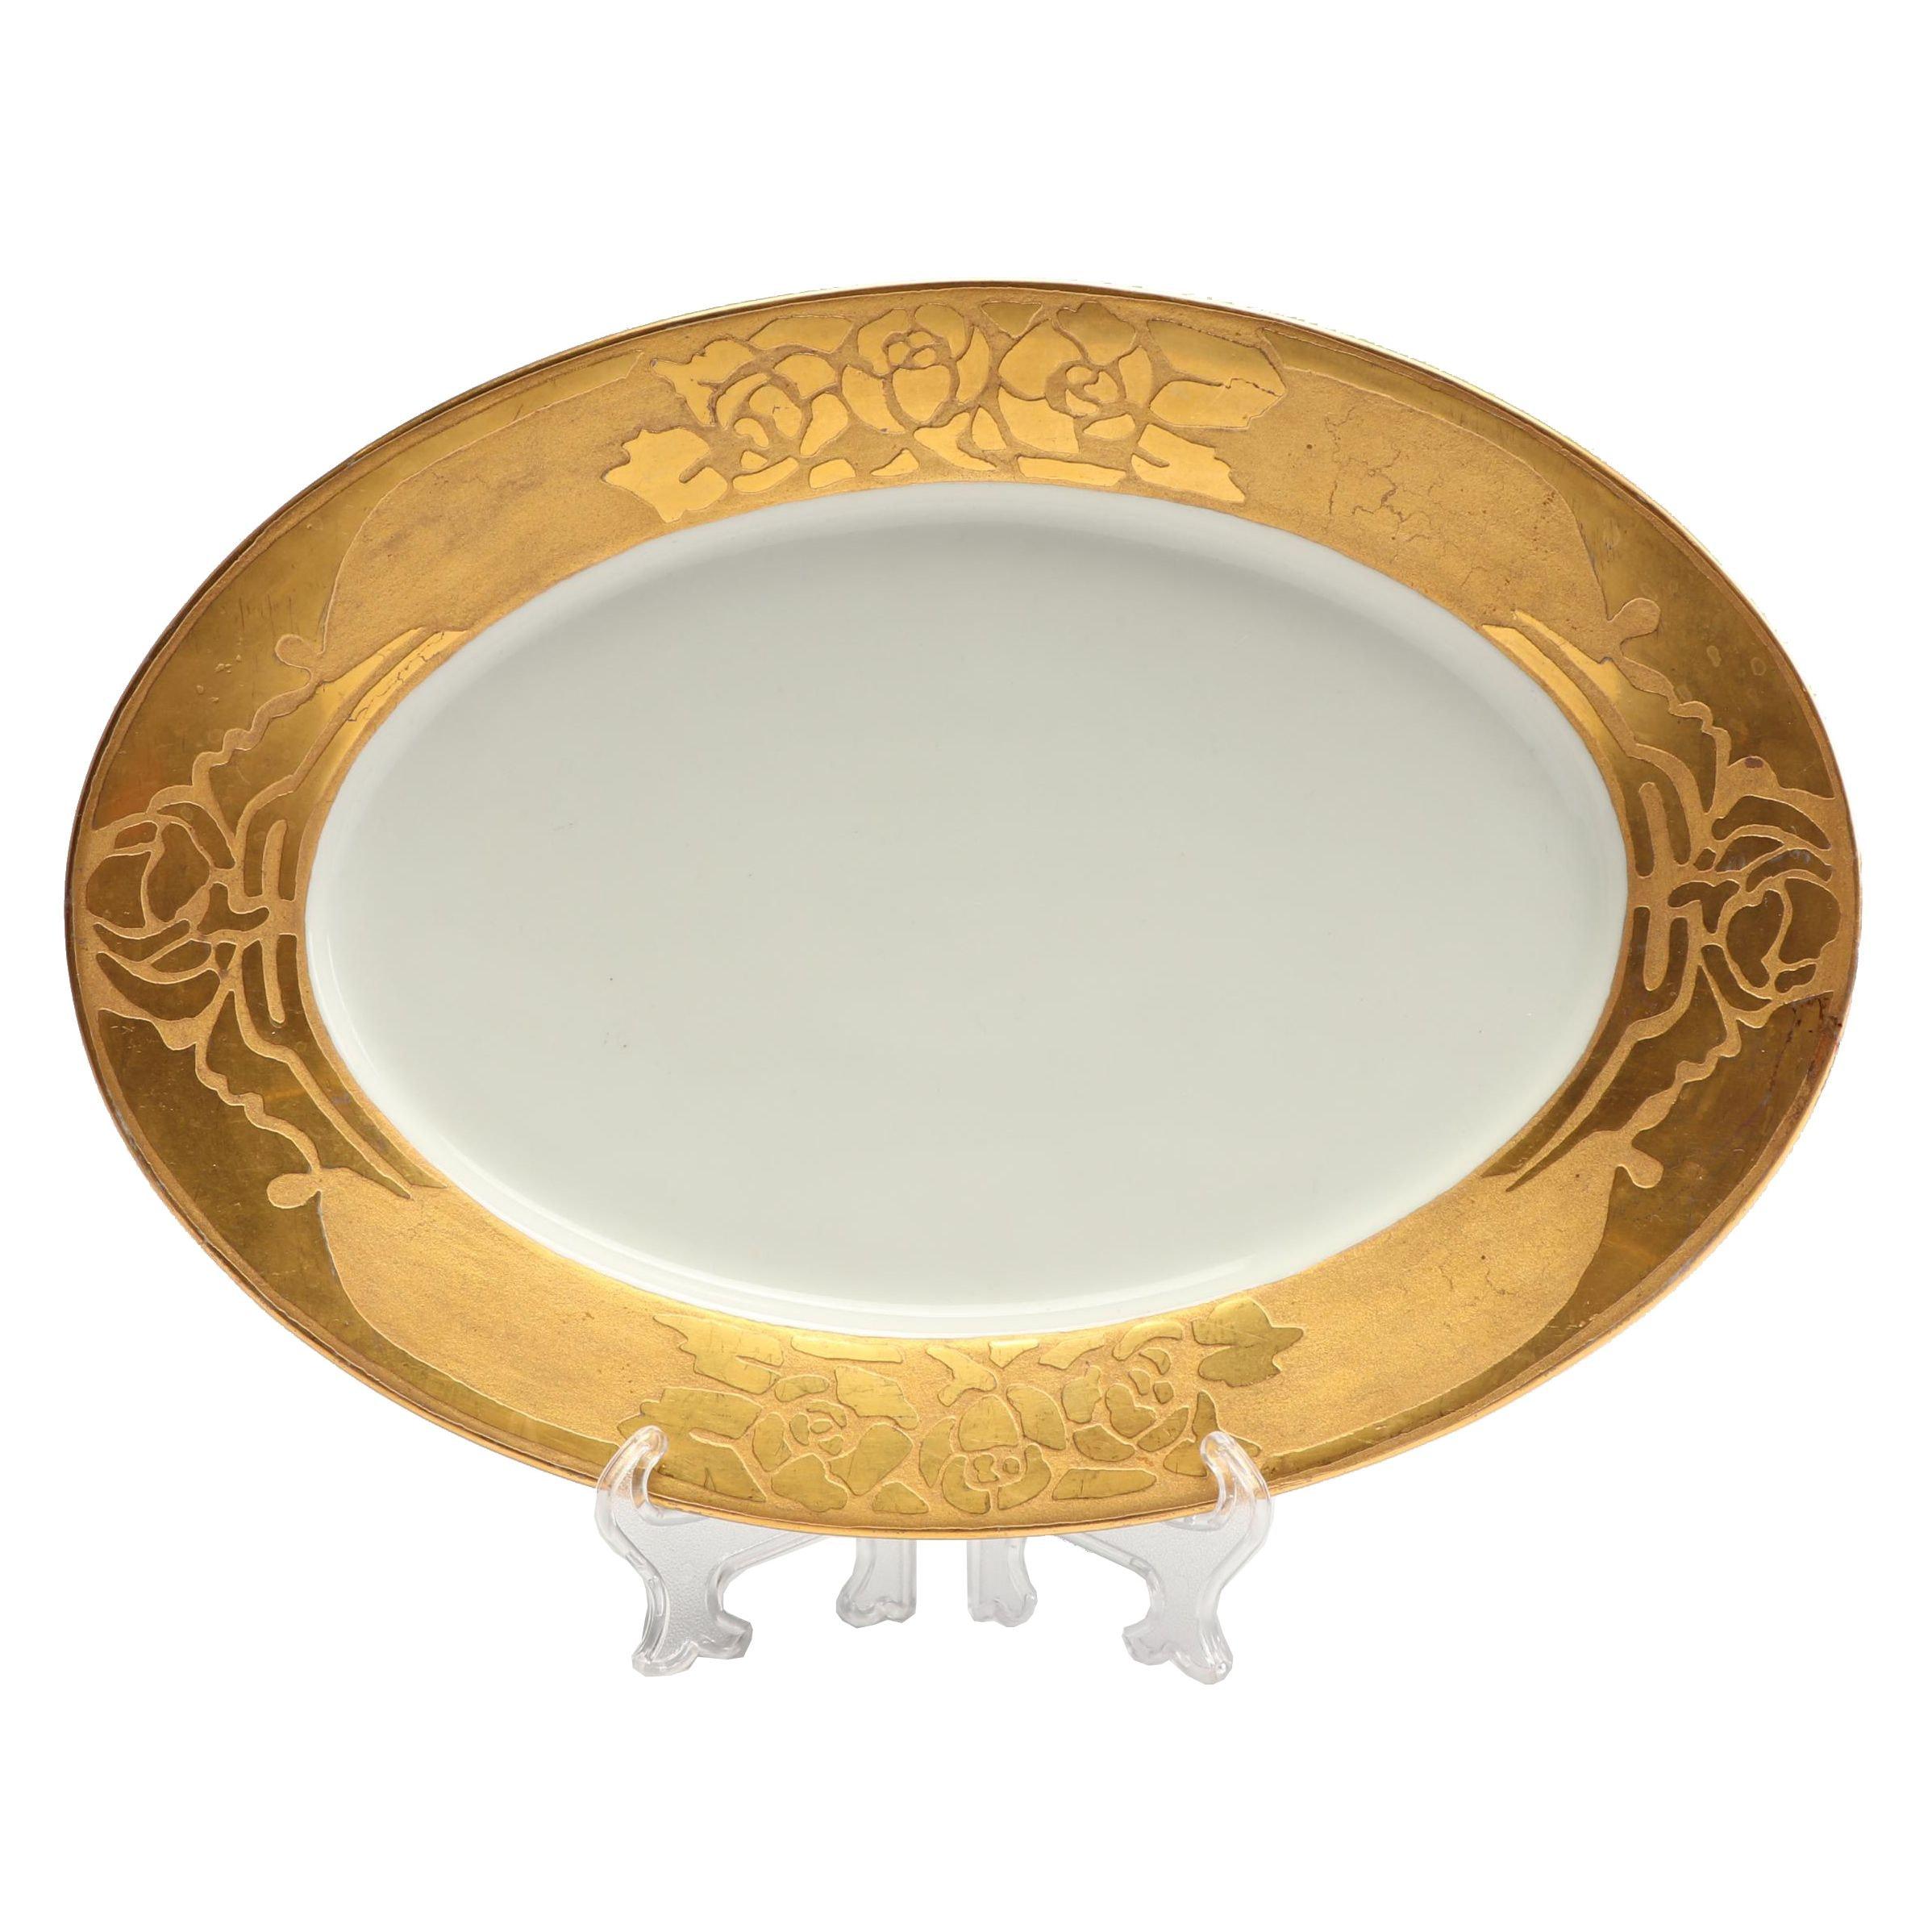 Gilt Rose Porcelain Platter, 20th Century